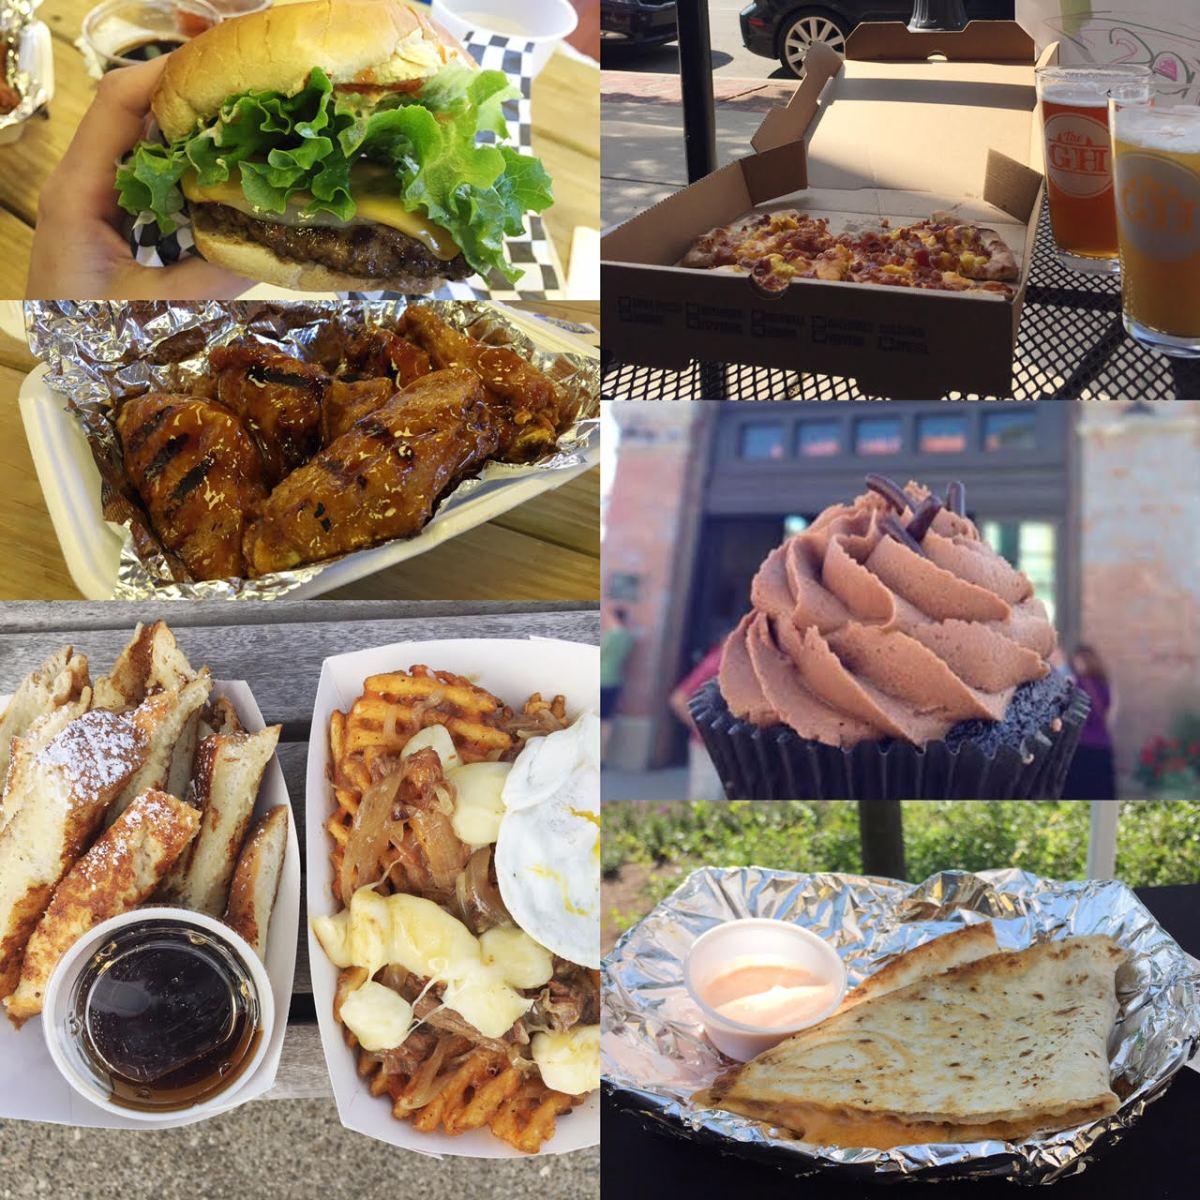 Walnut Hills Food Truck Festival